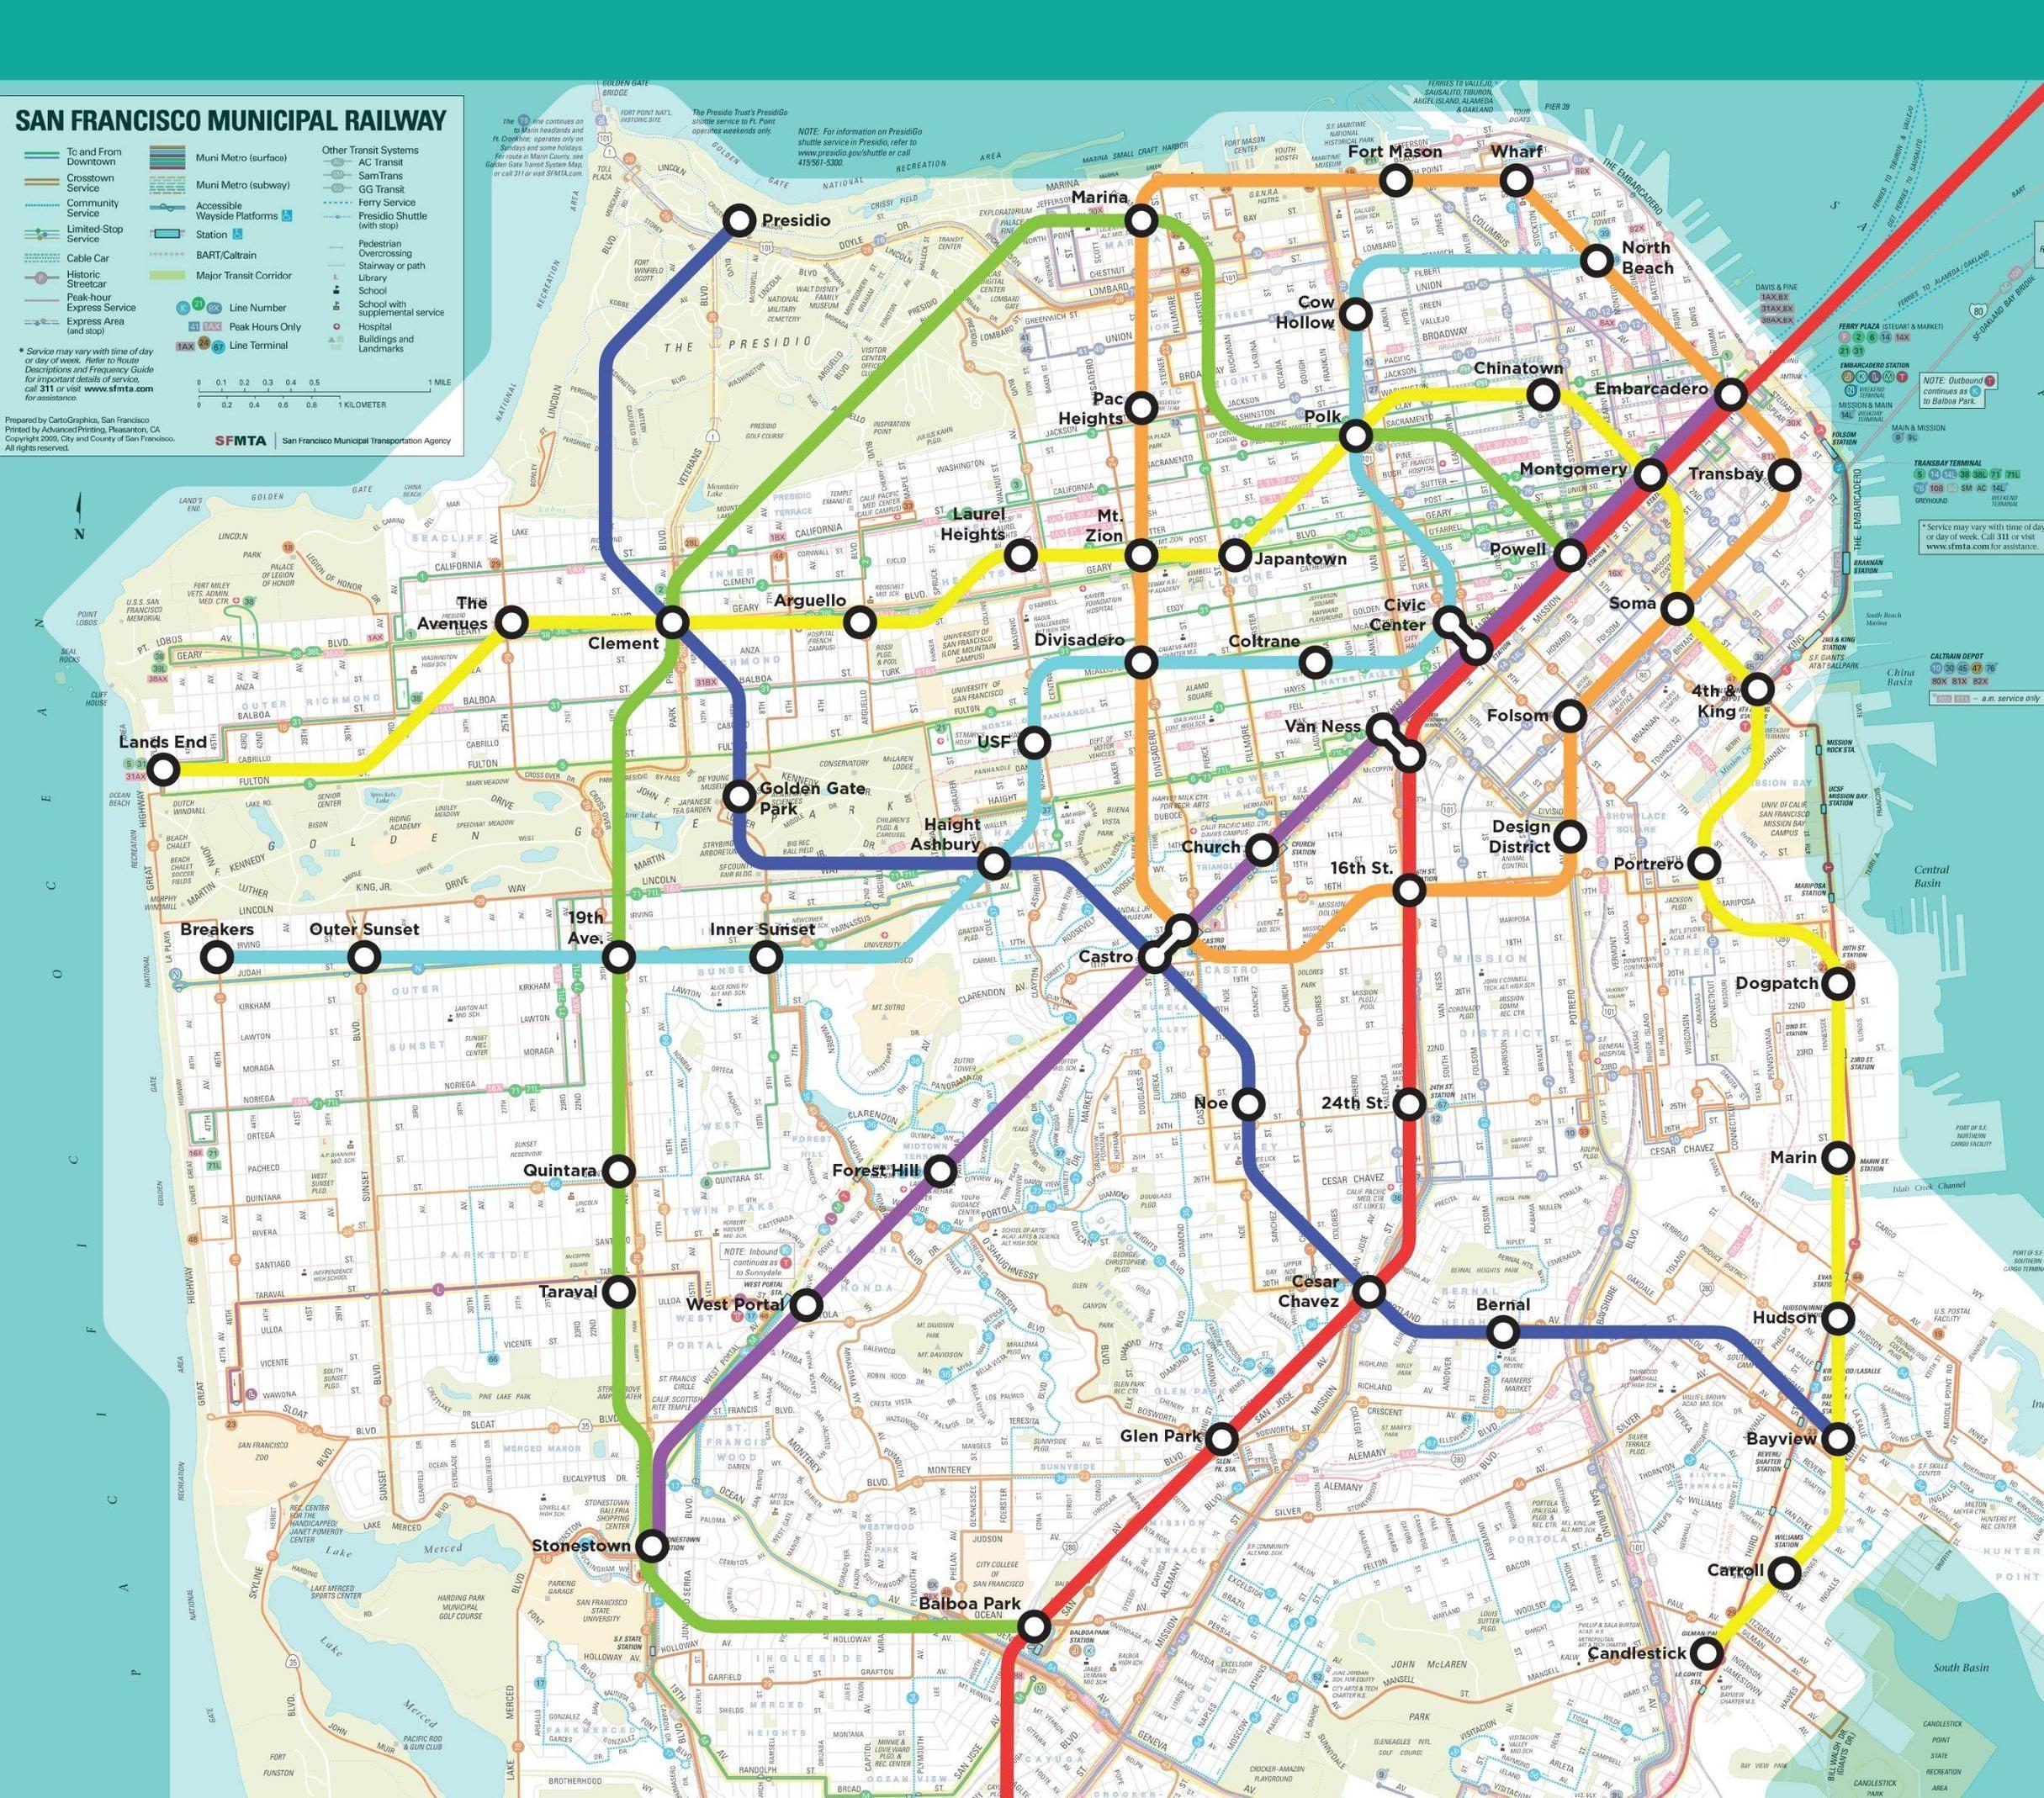 BART Fantasy Map San Francisco Subway Metro Transit Transit